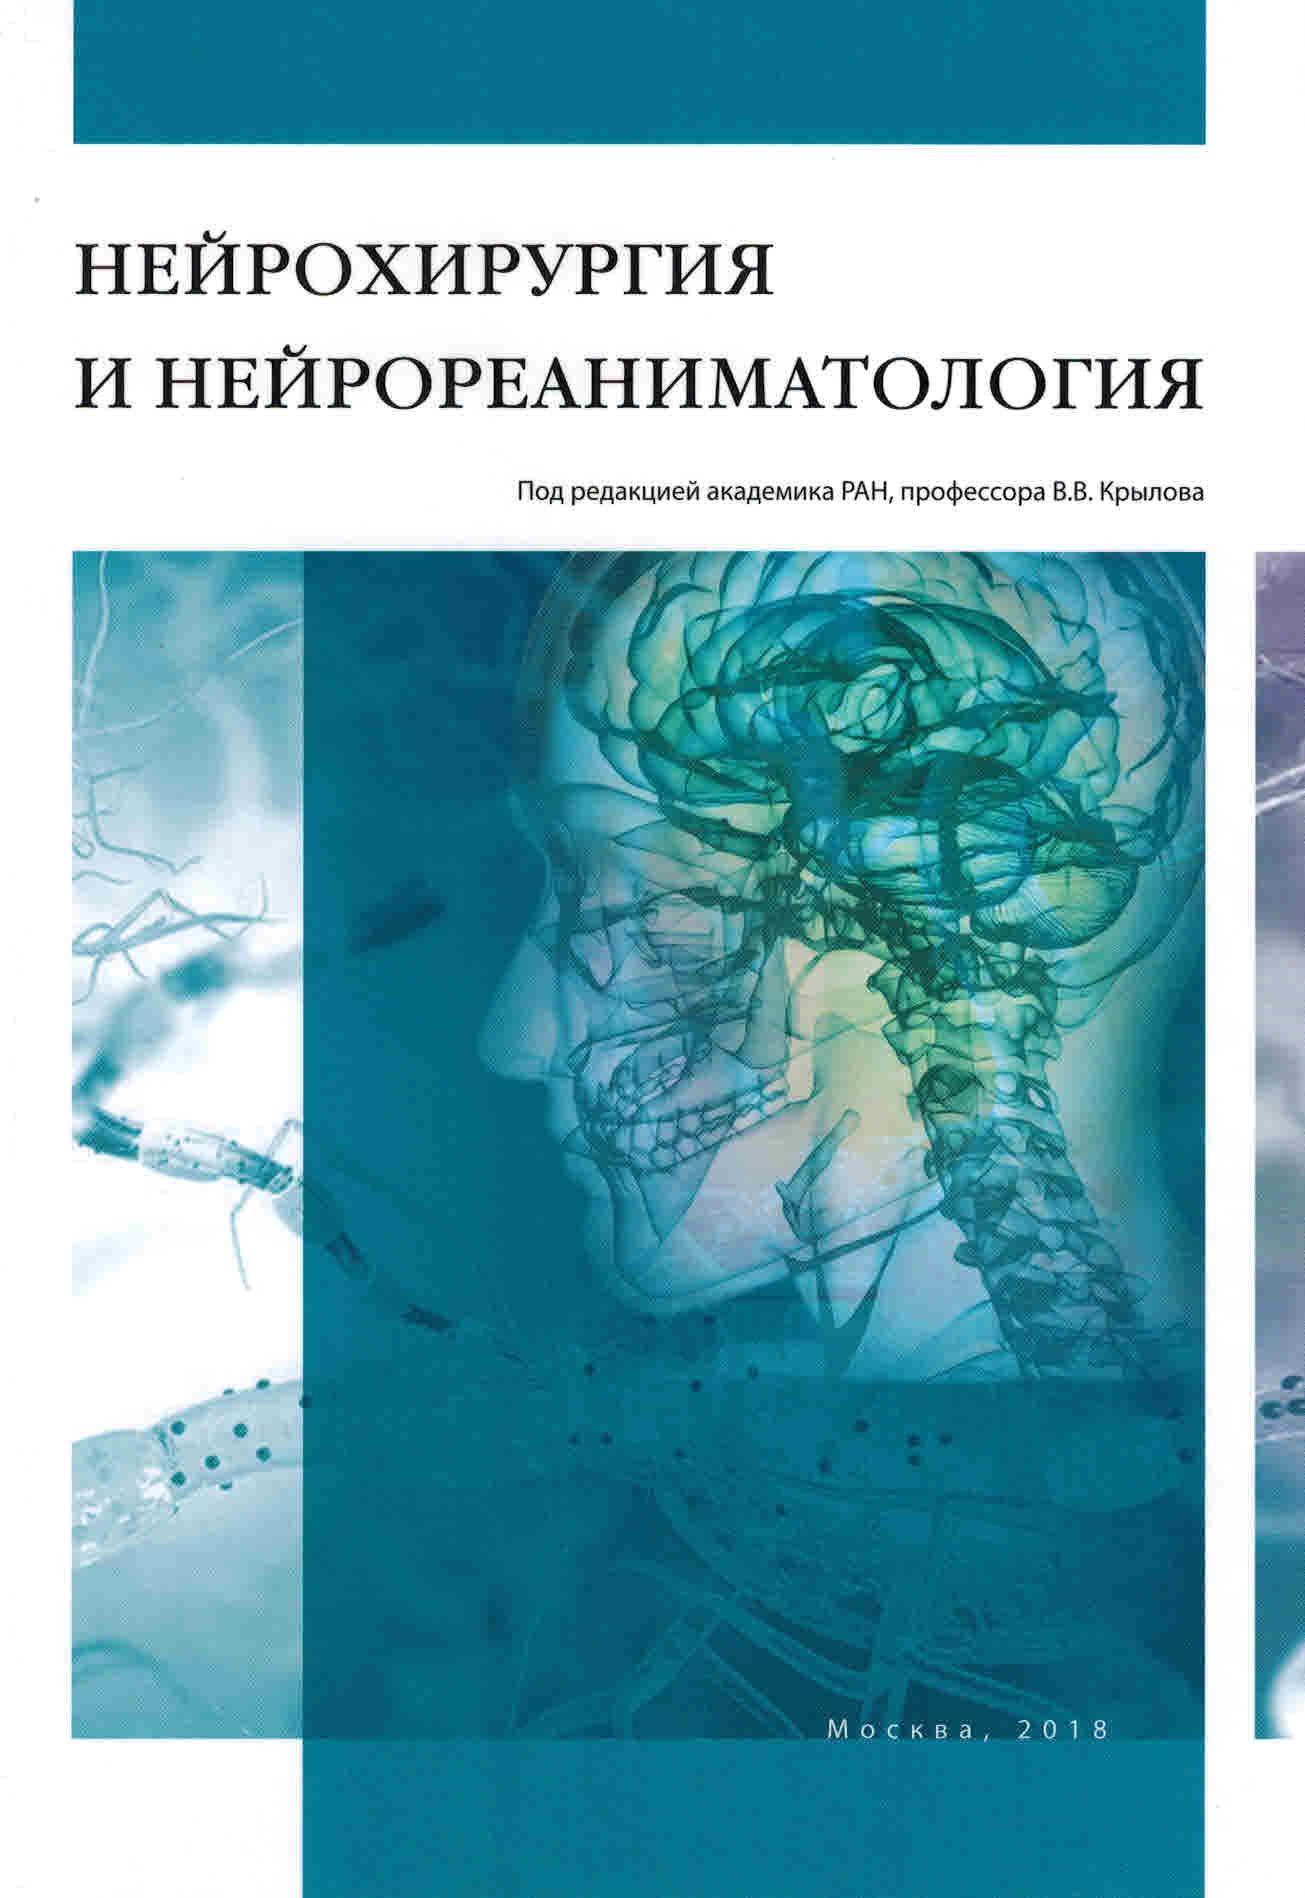 Лучшие книги по нейрохирургии Нейрохирургия и нейрореаниматология neirohirurgija_i_neiroreanimatologija.jpg